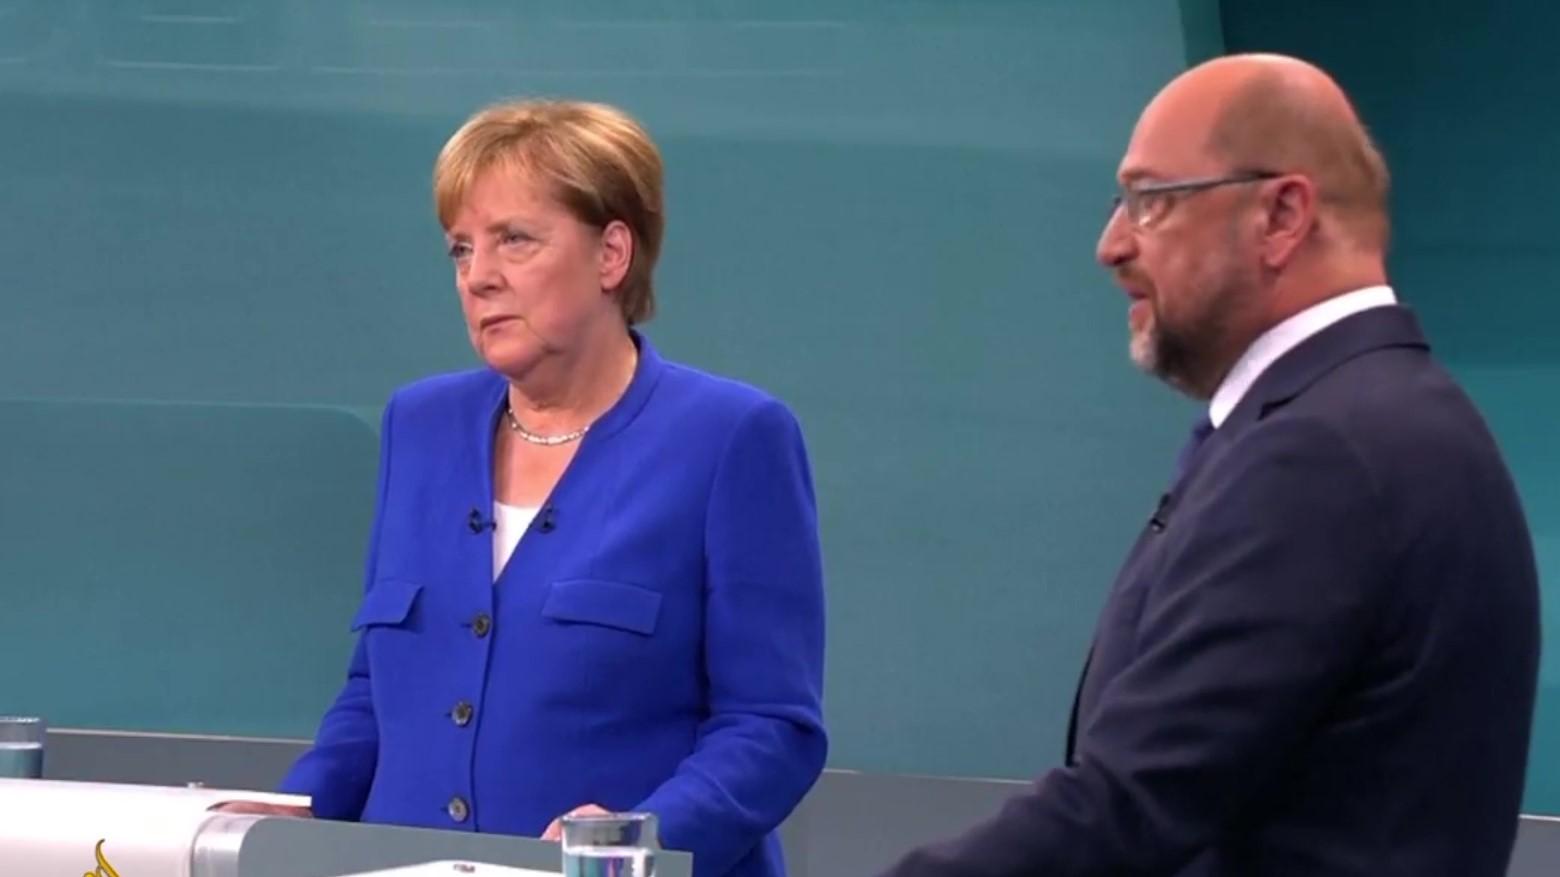 Koalicioni qeverisës në Gjermani mund të krijohet pa Merkel e Schulz